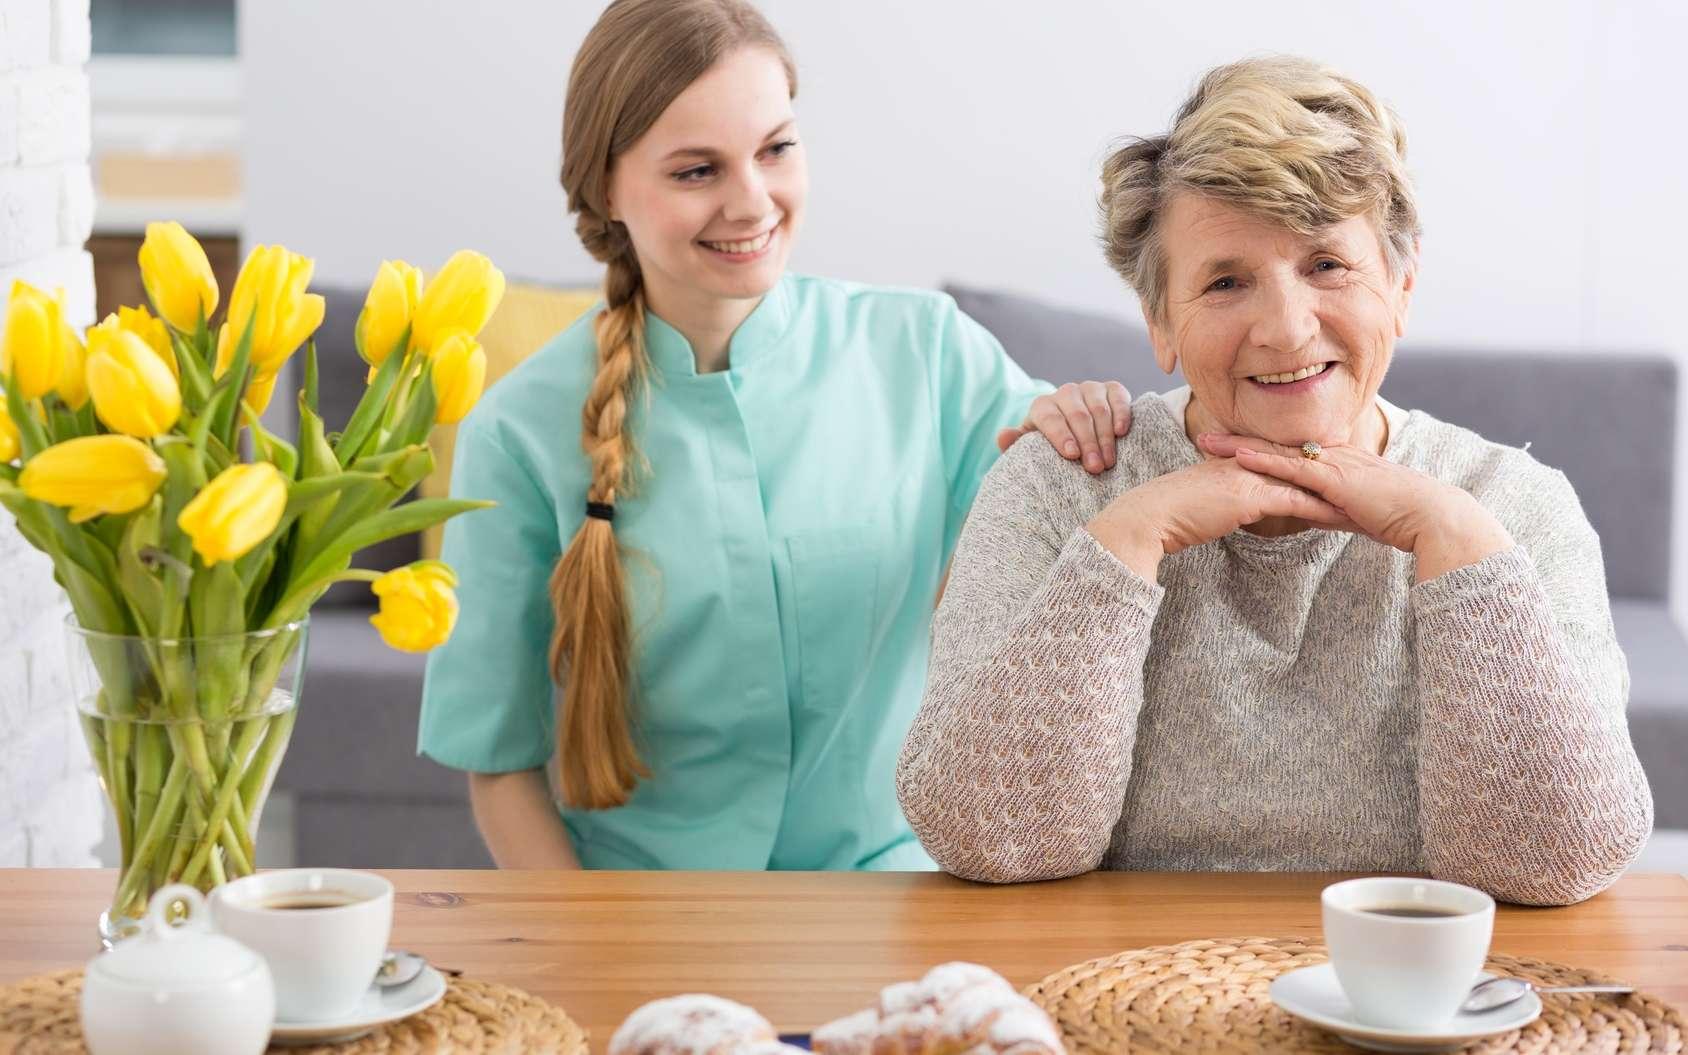 Une aide ménagère peut s'avérer utile pour accomplir certaines tâches du quotidien : ménage, préparation des repas… © Photographee.eu, Fotolia